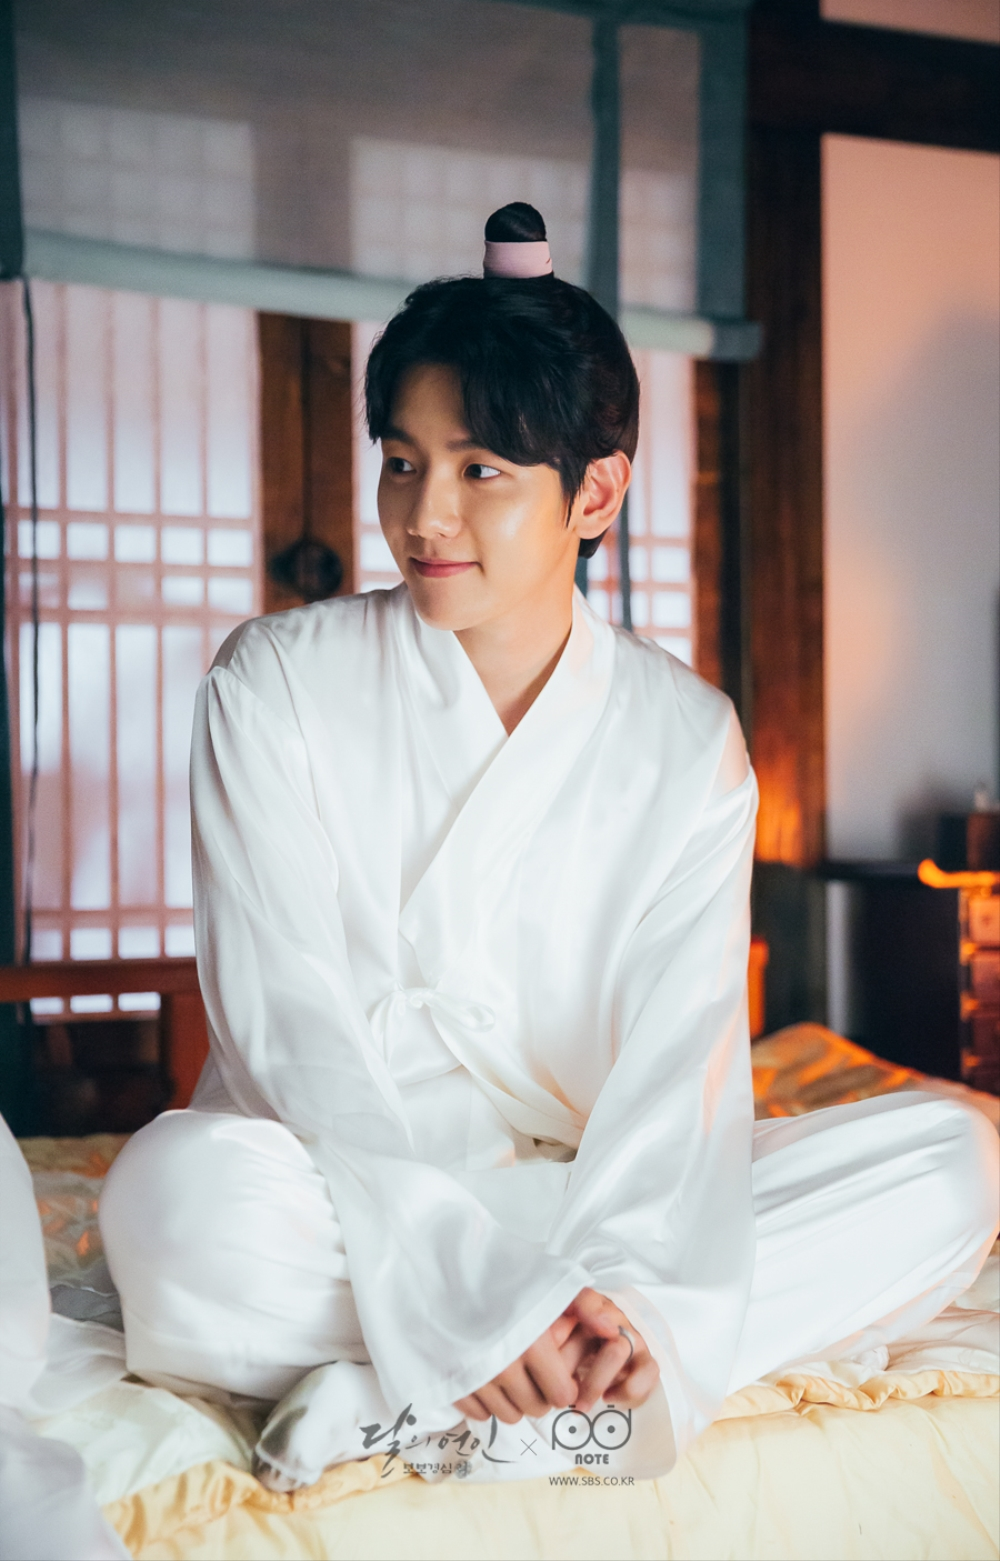 침대에 잠옷을 입고 앉아 있는 귀여운 모습의 왕은 이미지